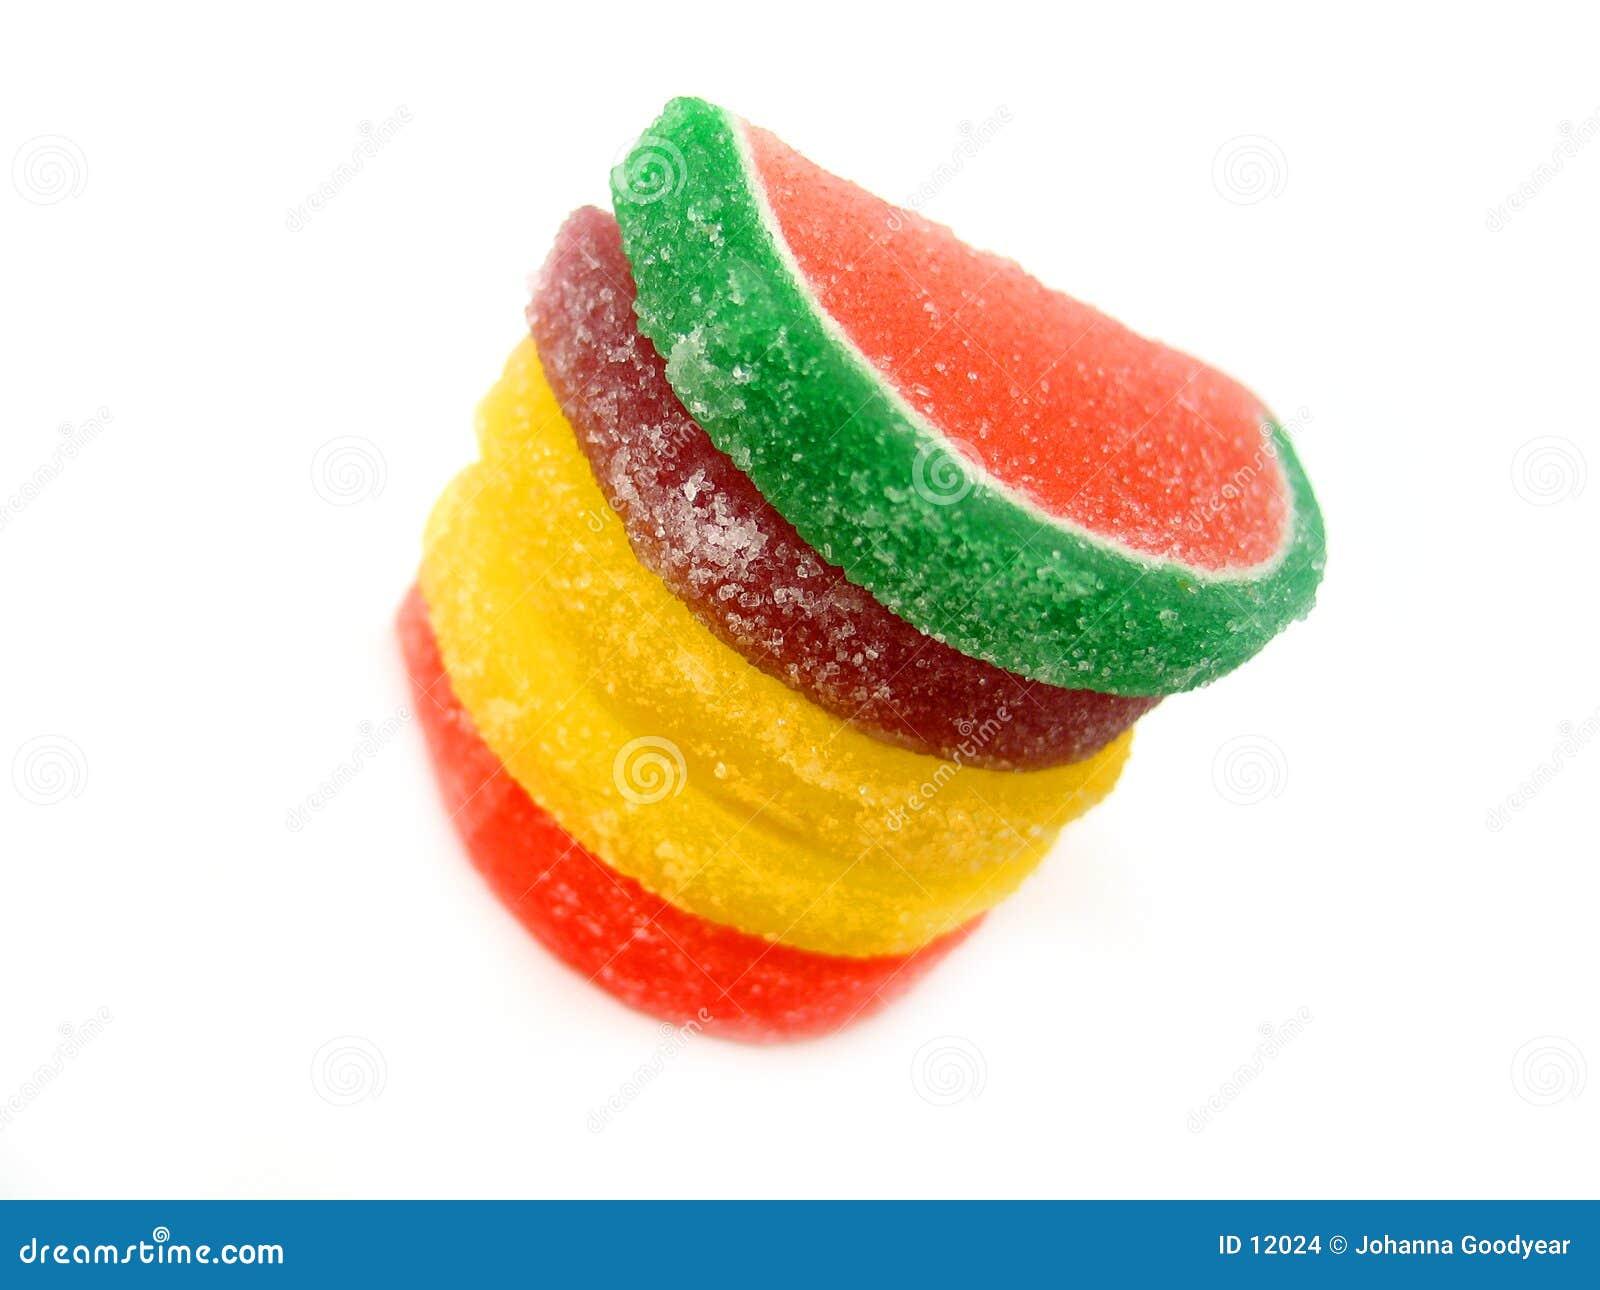 Candy Fruit II